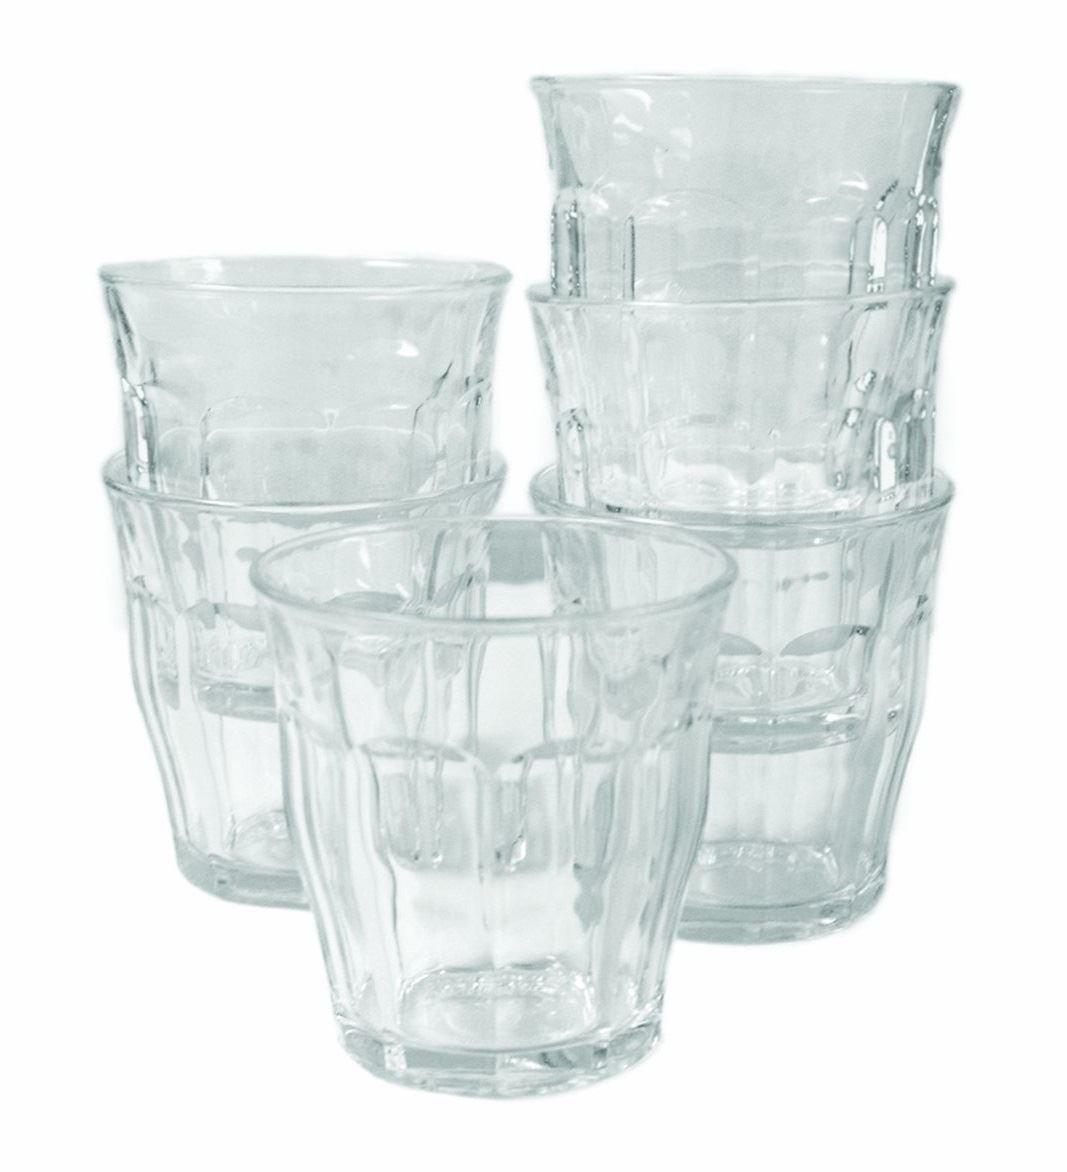 Duralex 22cl Picardie Tumbler Drinking Glasses Pack of 6 Picardie 22cl